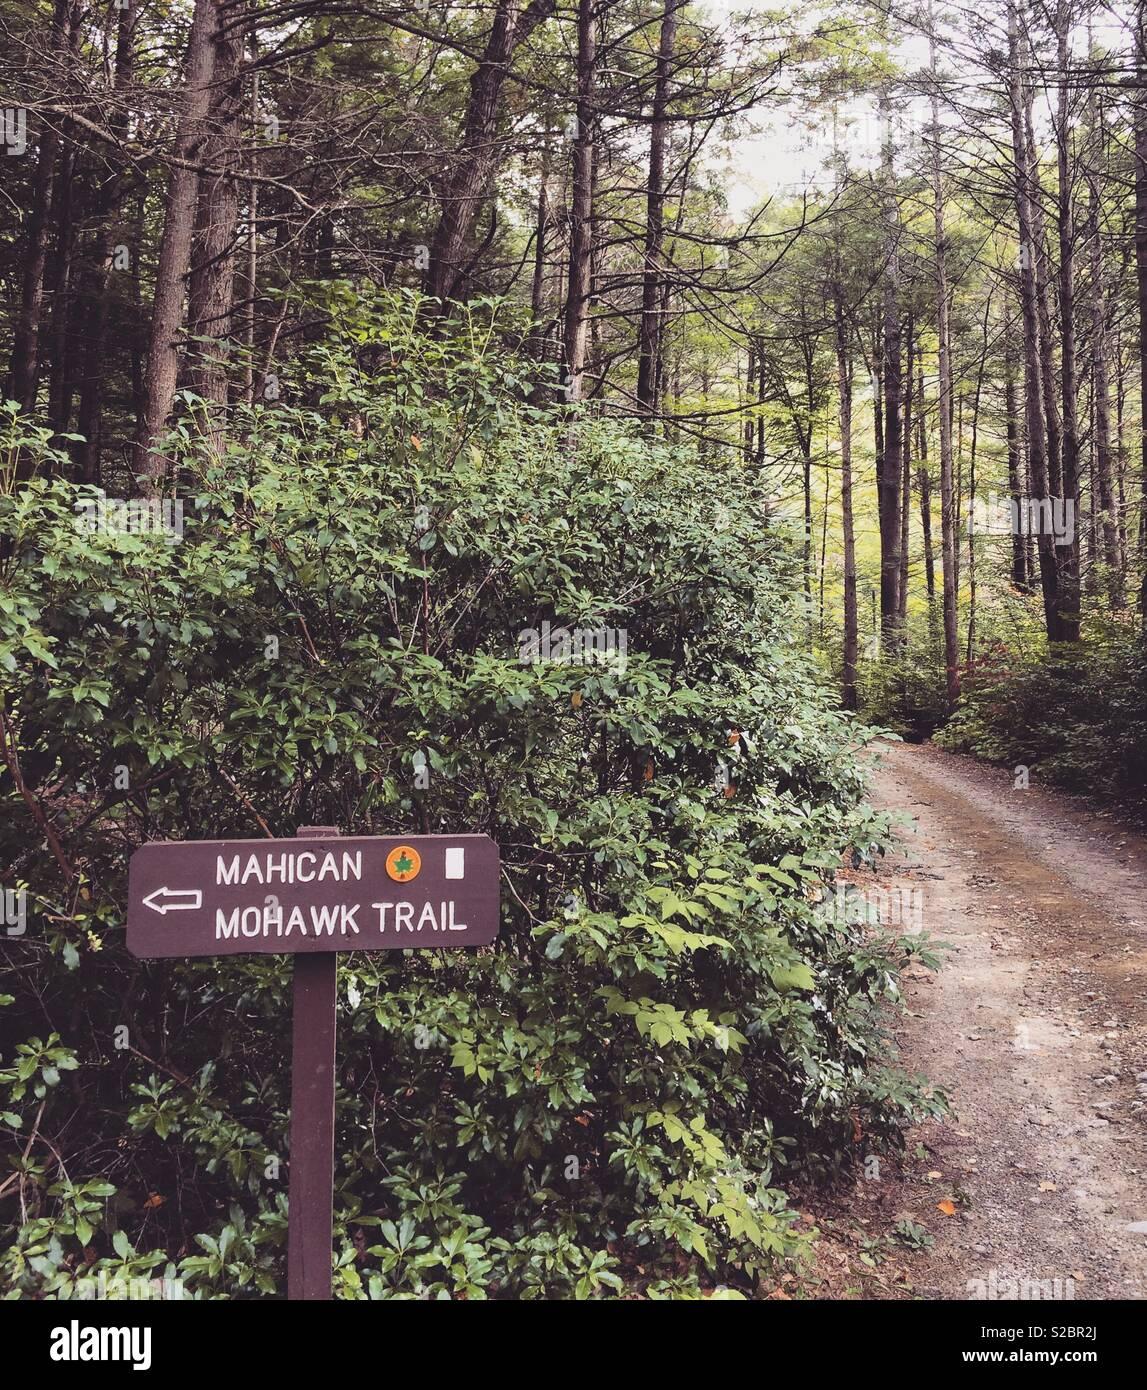 Mohawk Trail Massachusetts Stockfotos und  bilder Kaufen   Alamy